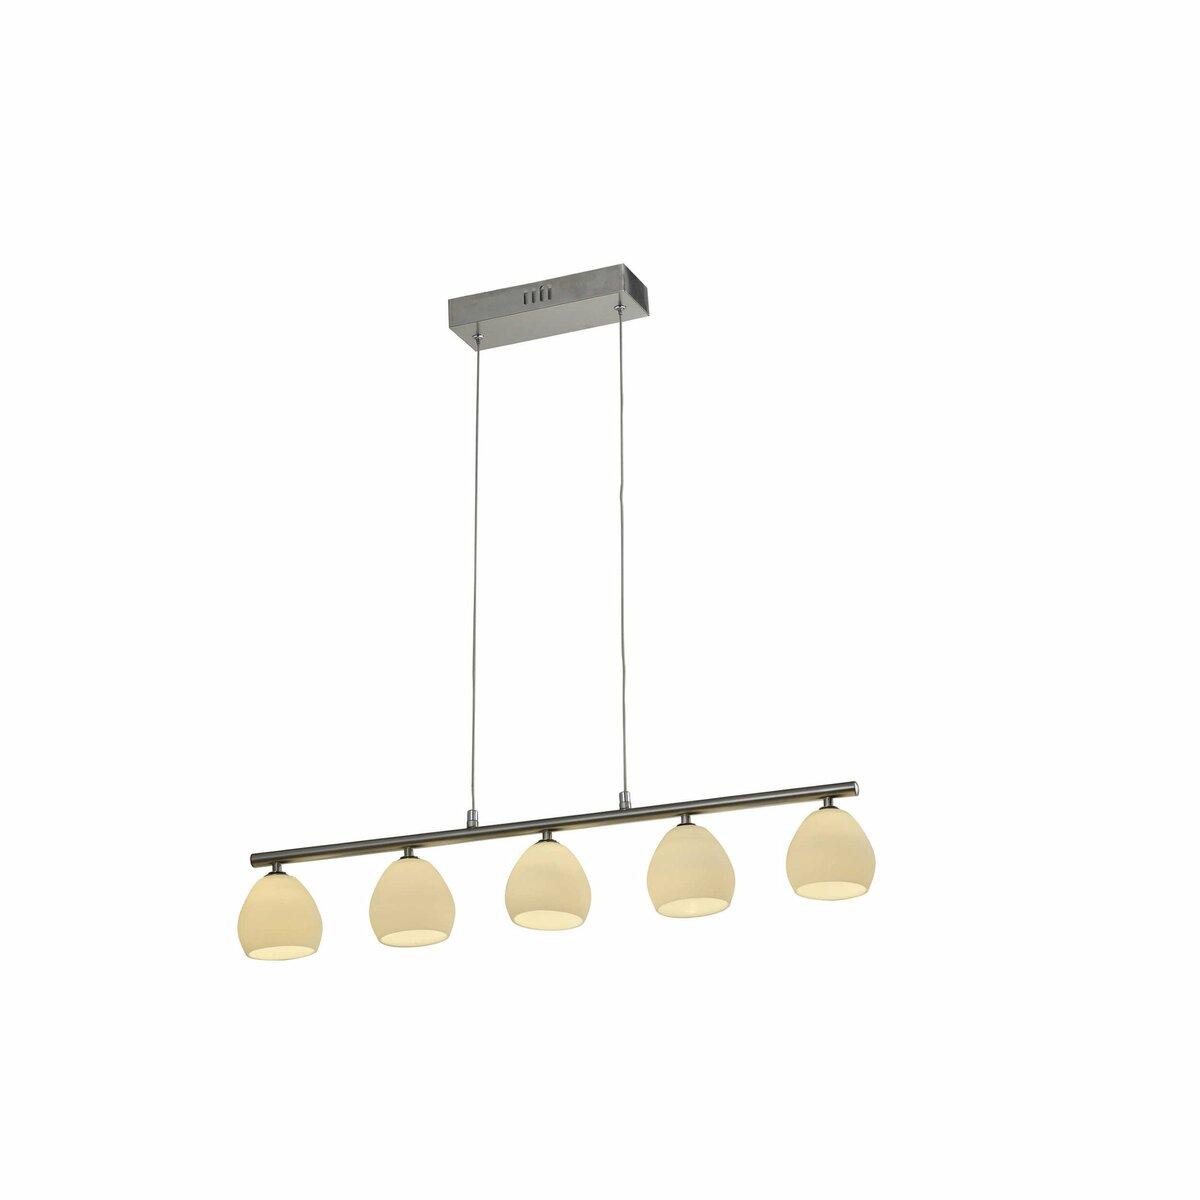 Bild 1 von DesignLive LED-Pendelleuchte   LOPEZ